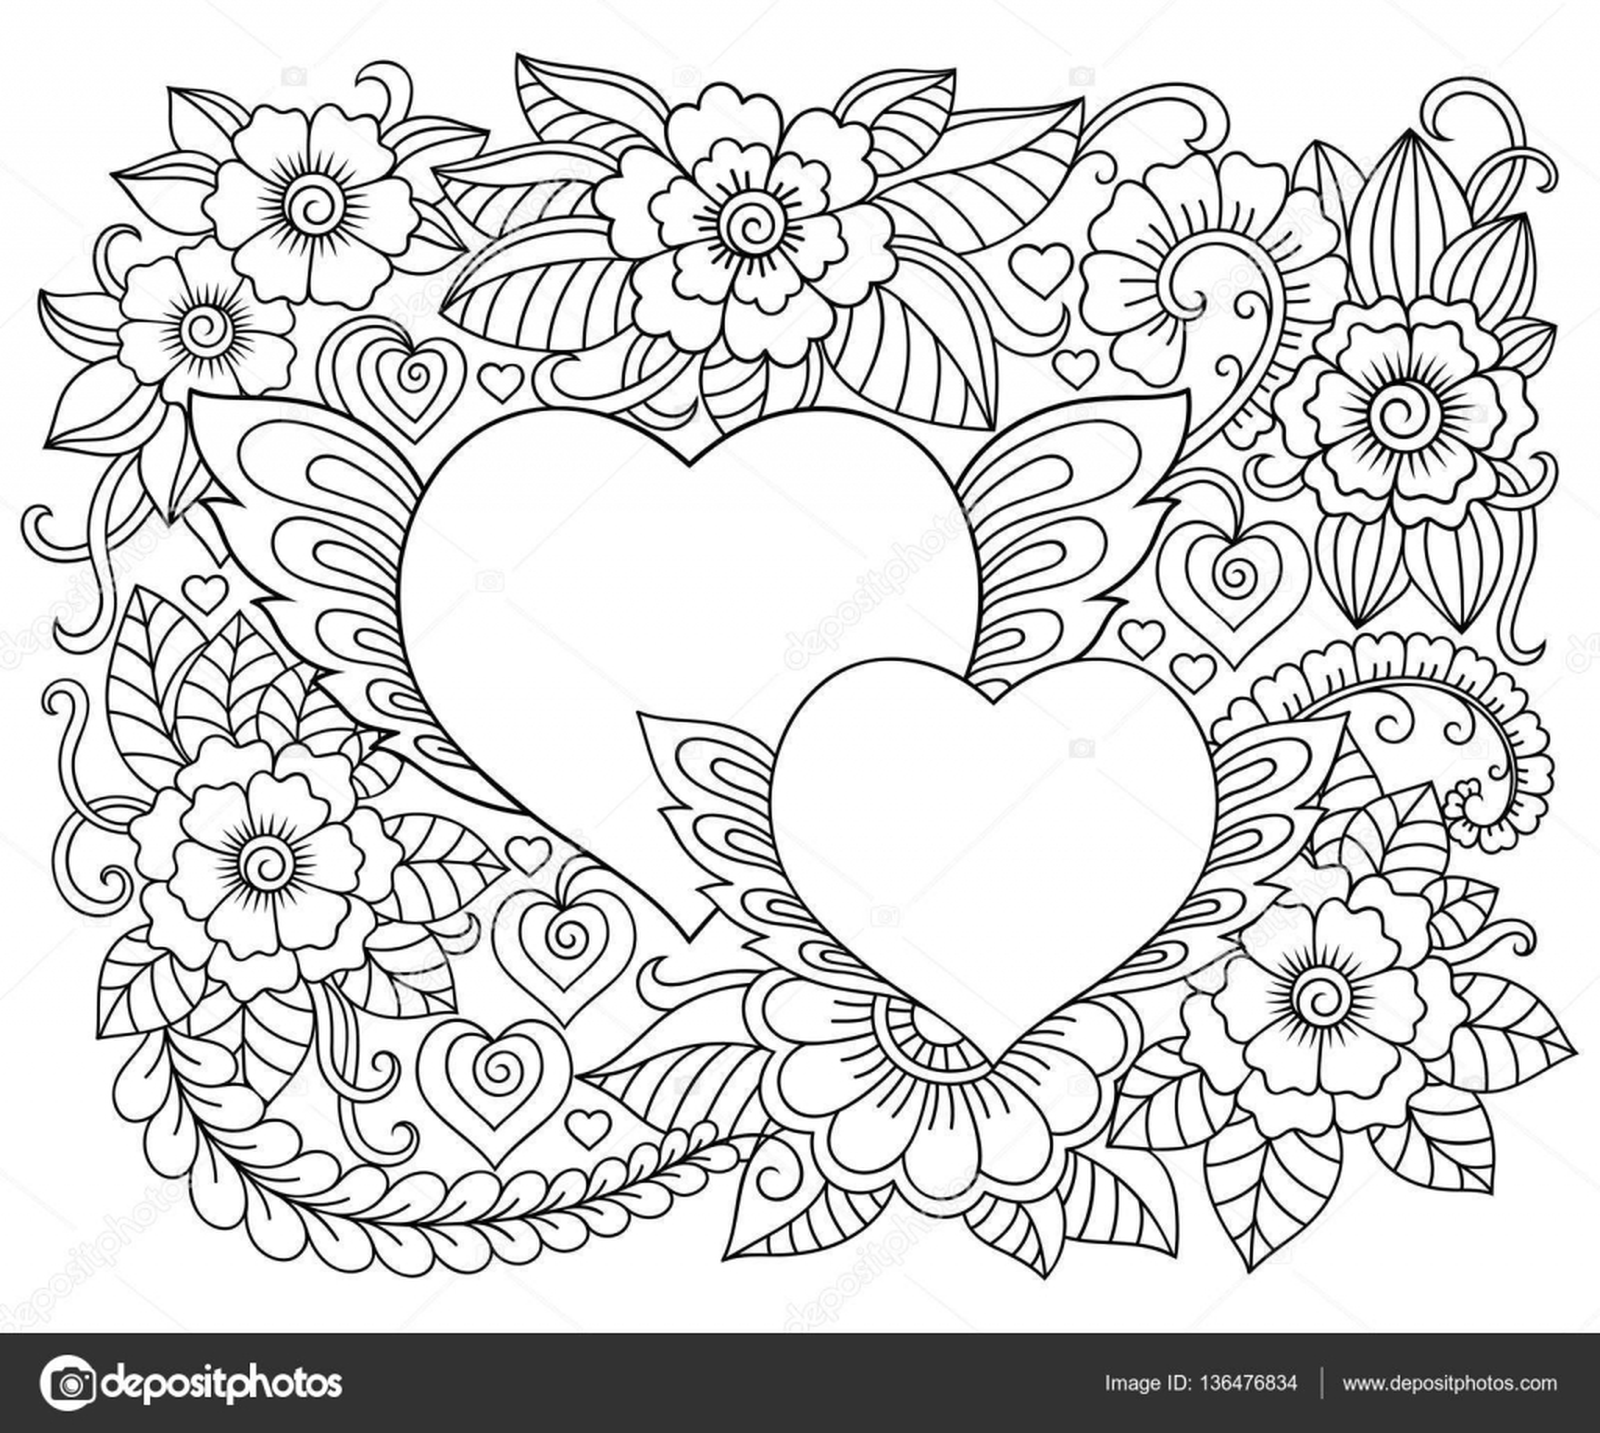 afbeelding van bloemen en hart voor valentijnsdag  bloemmotief voor coloring boek  doodle